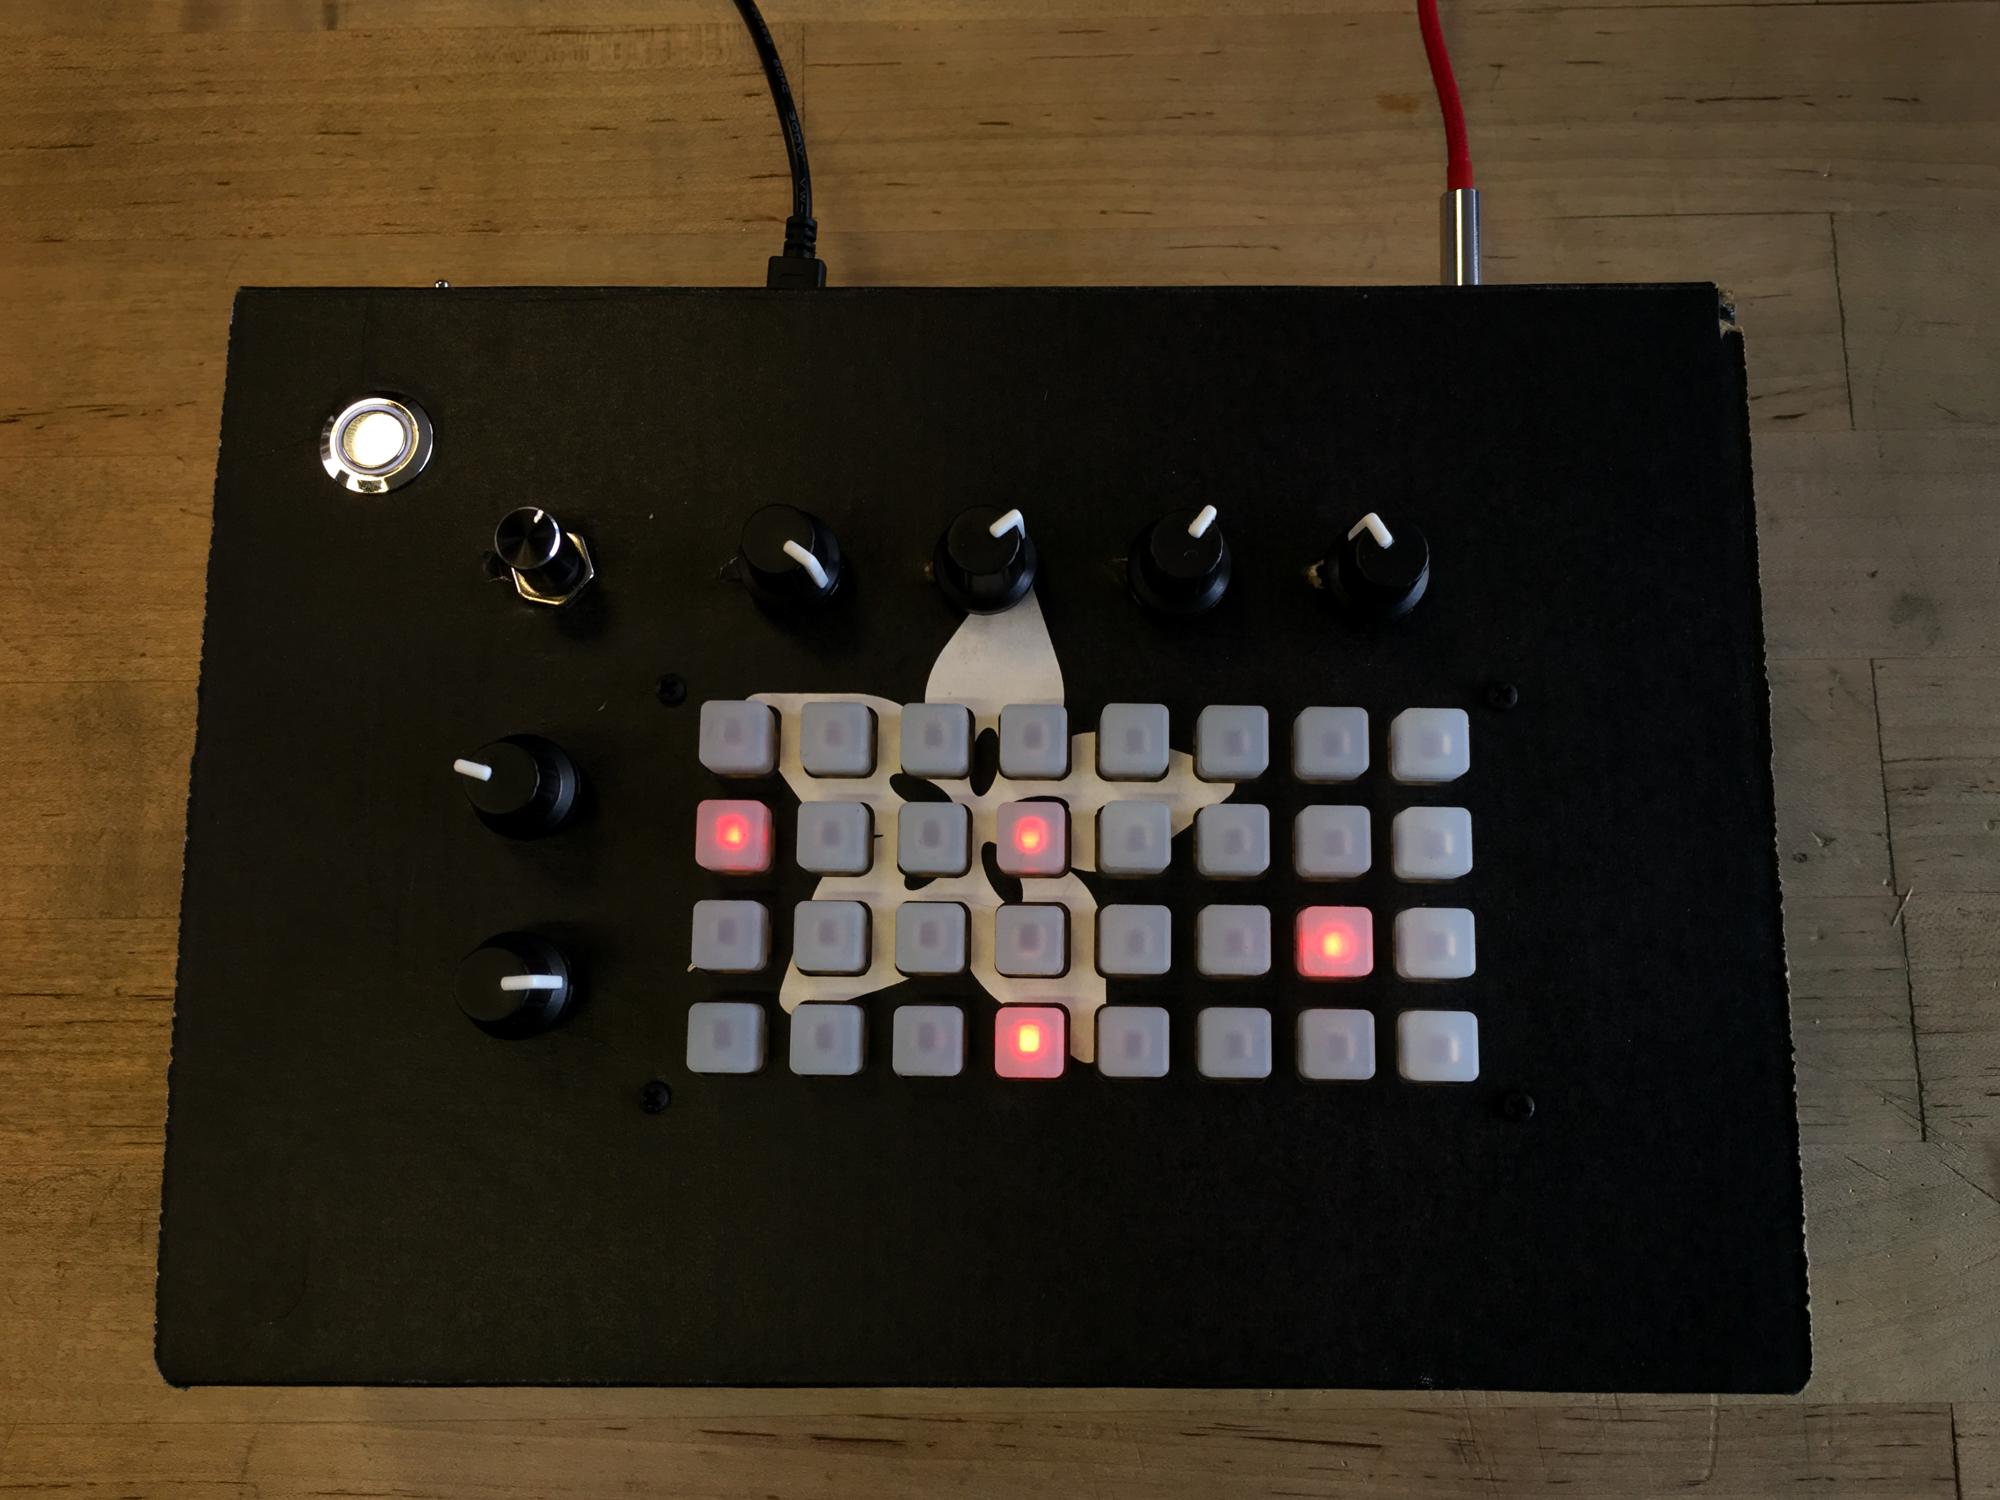 microcontrollers_IMG_2224_2k.jpg